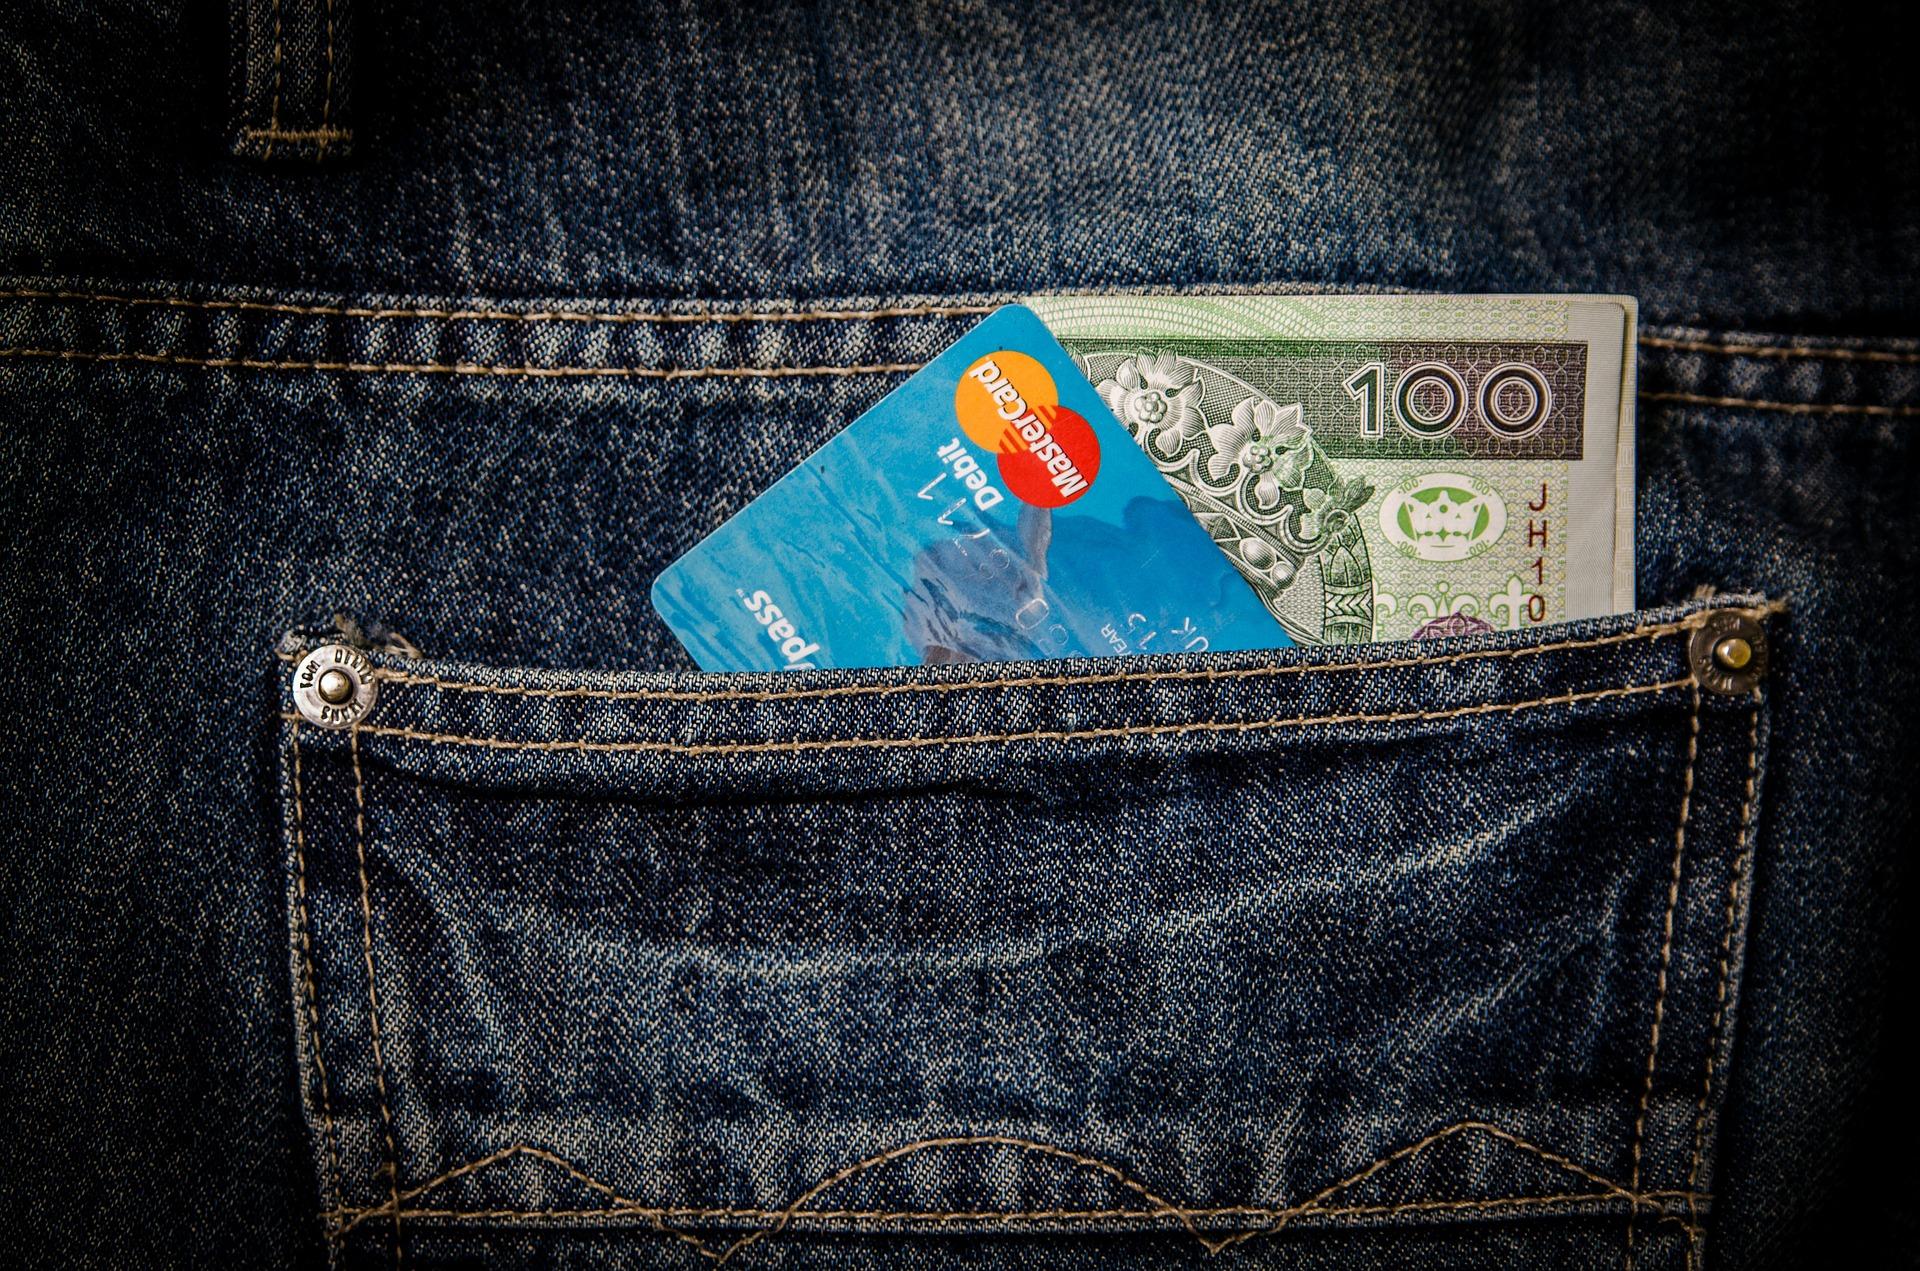 Cómo Consultar La Tarjeta Mastercard Socios